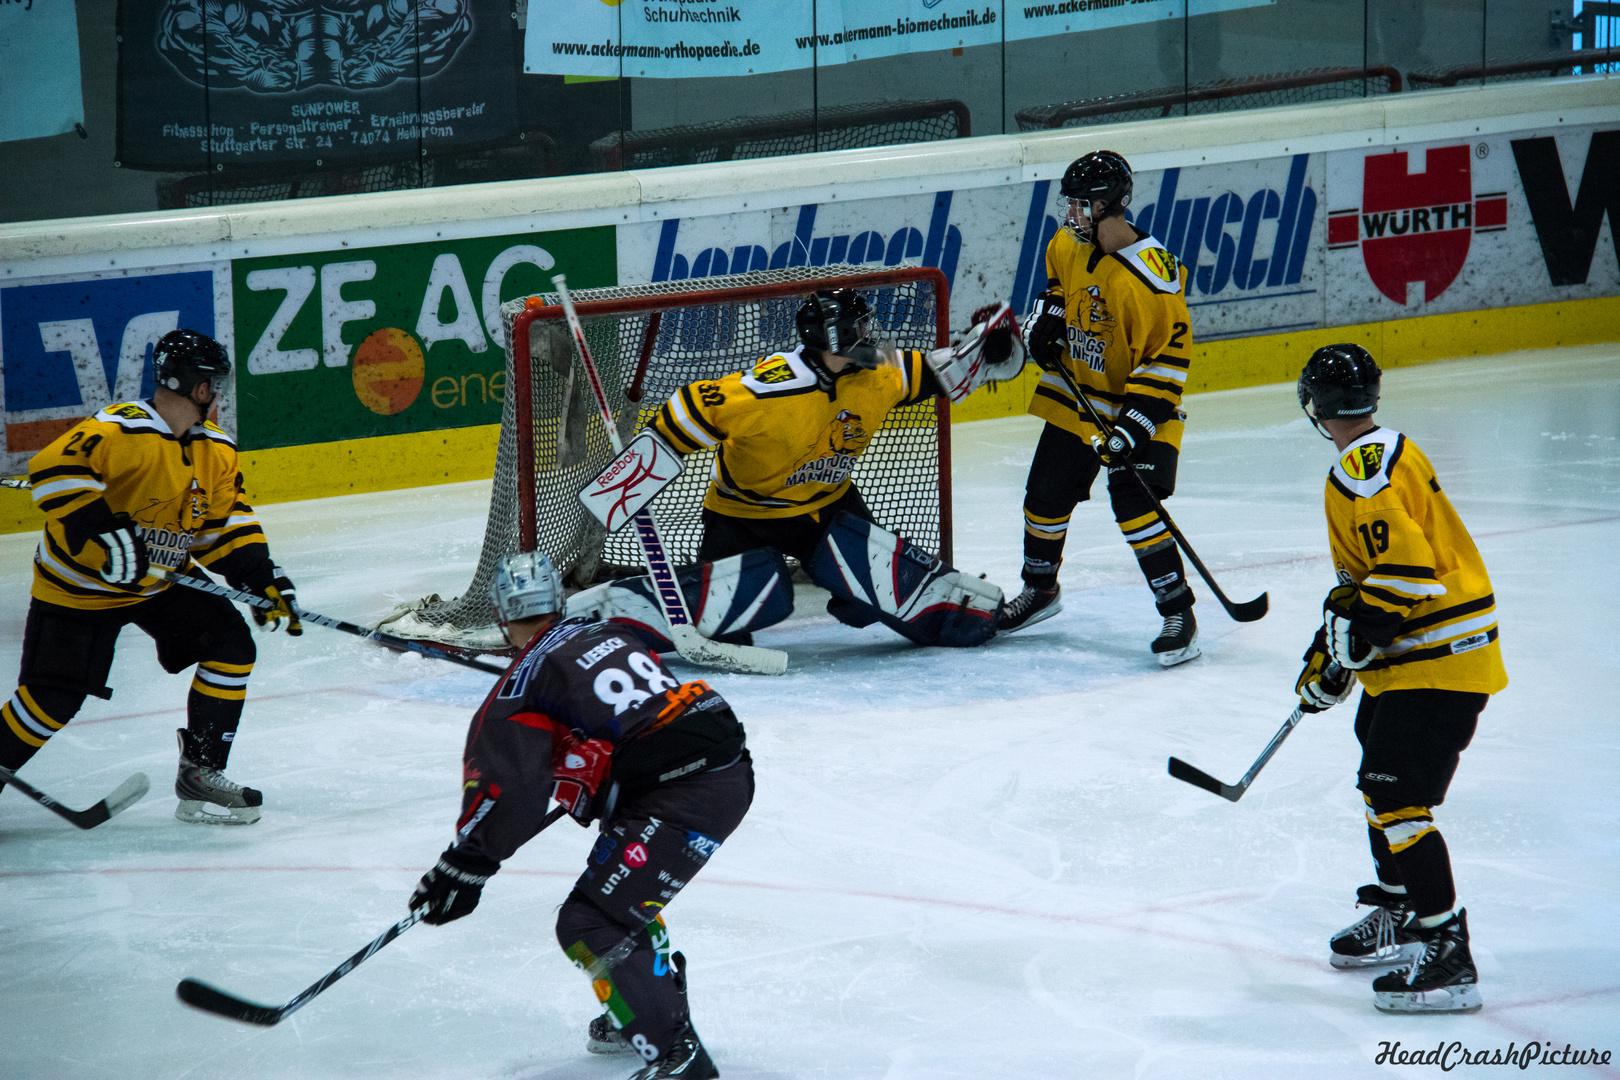 Eisbären Heilbronn vs Mad Dogs Mannheim